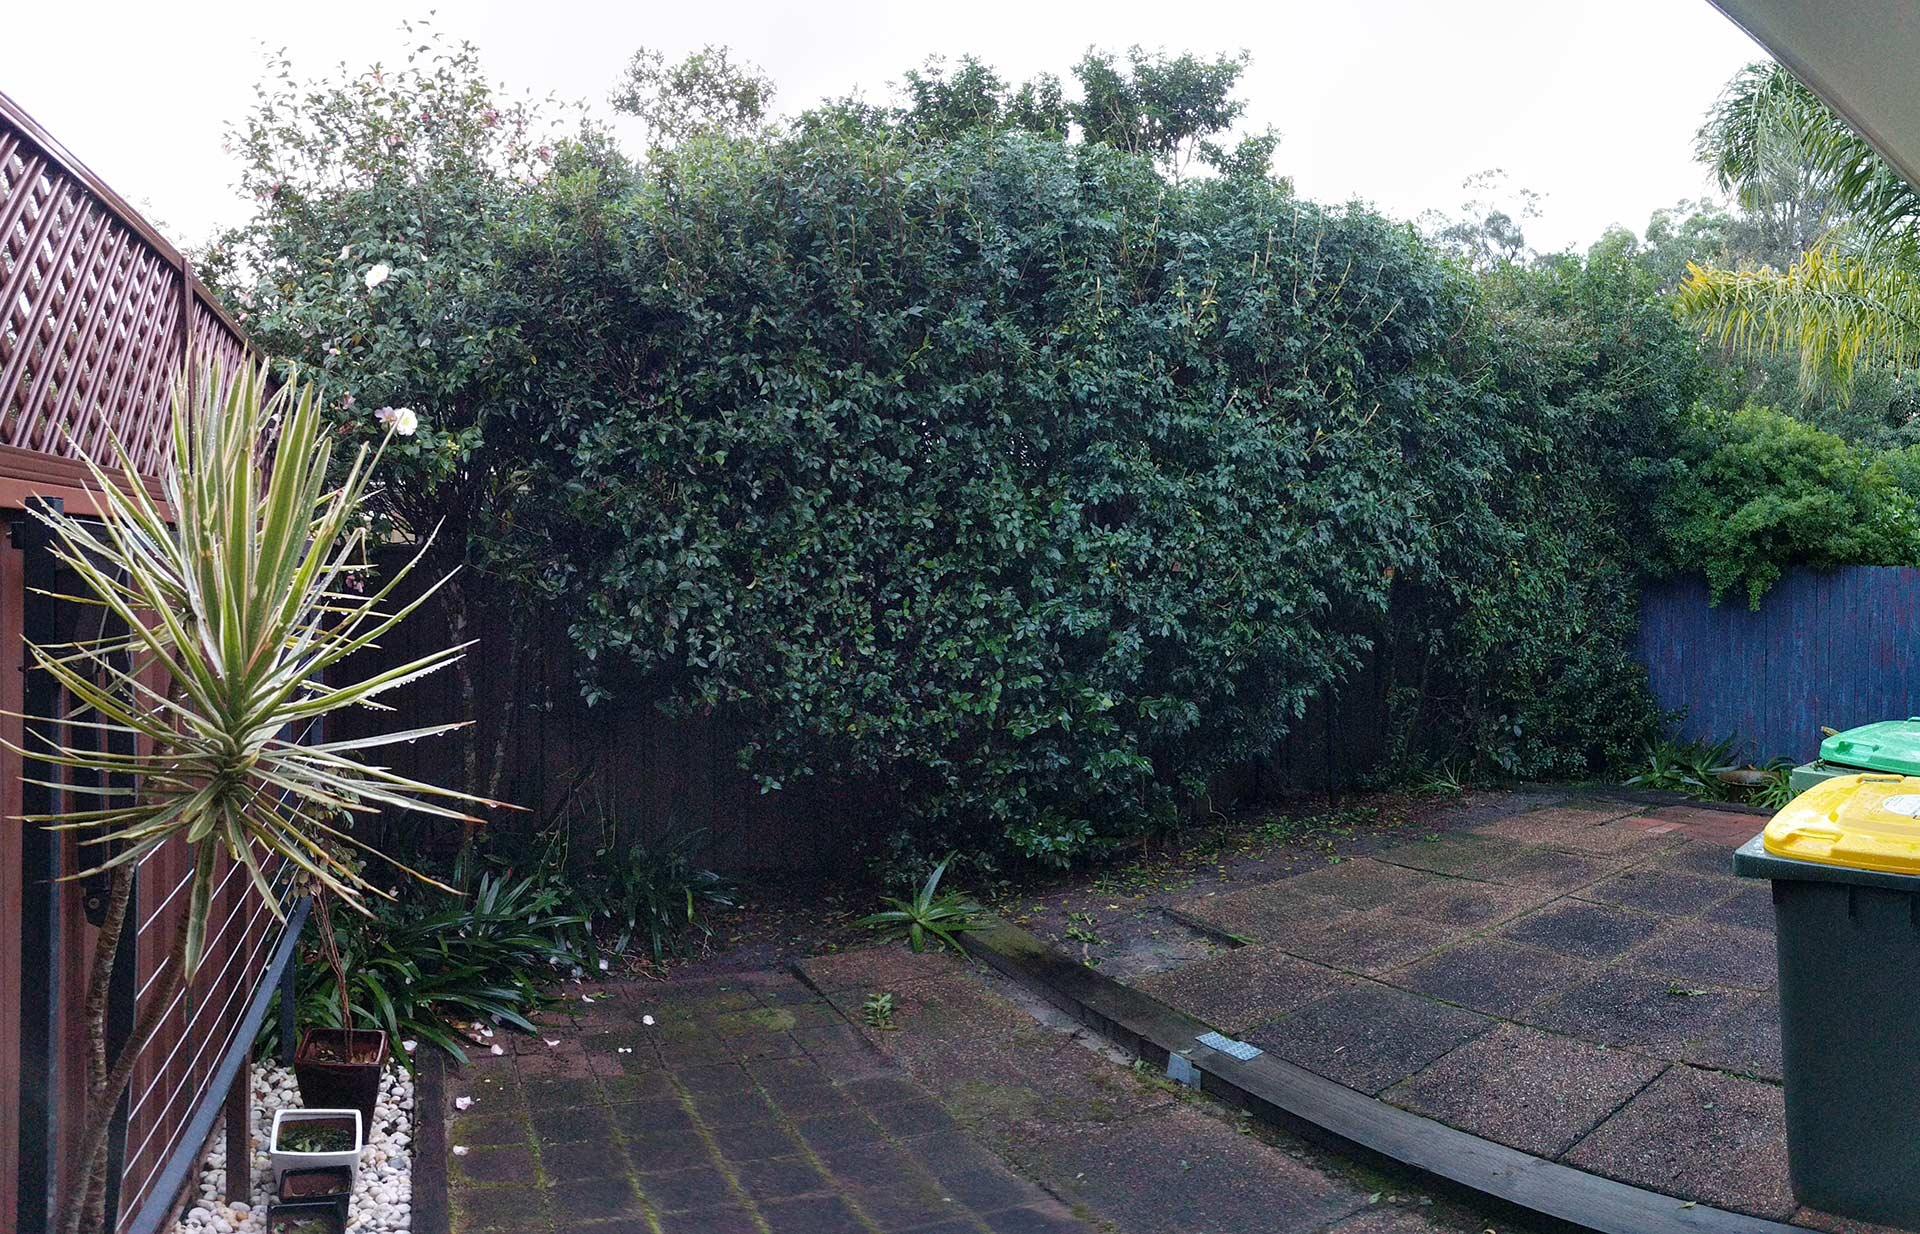 Backyard_Before_1920.jpg